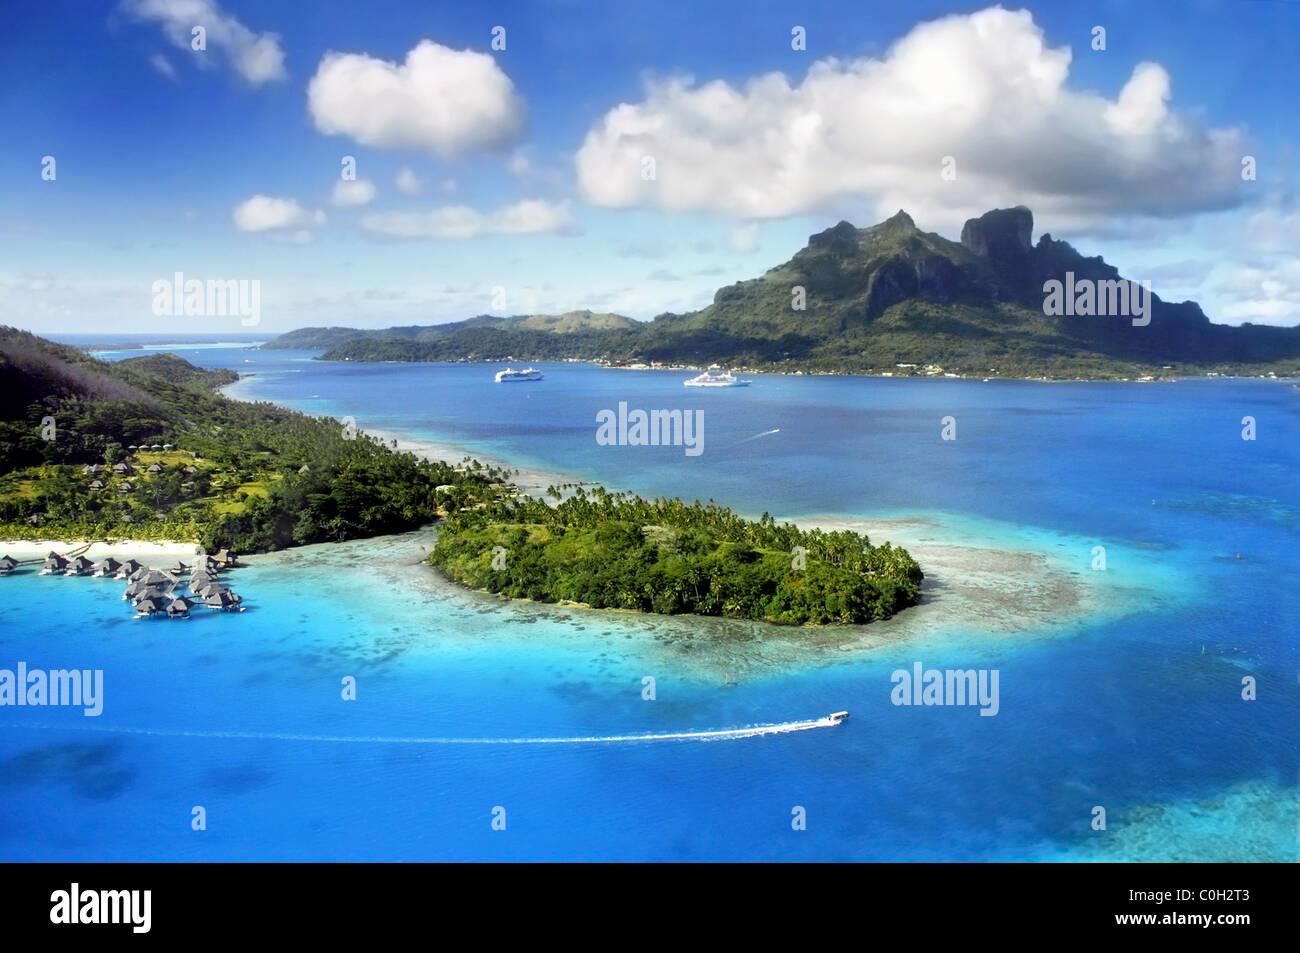 Vista aérea de Bora Bora con el Monte Otemanu en el fondo y arrecifes de coral. Imagen De Stock